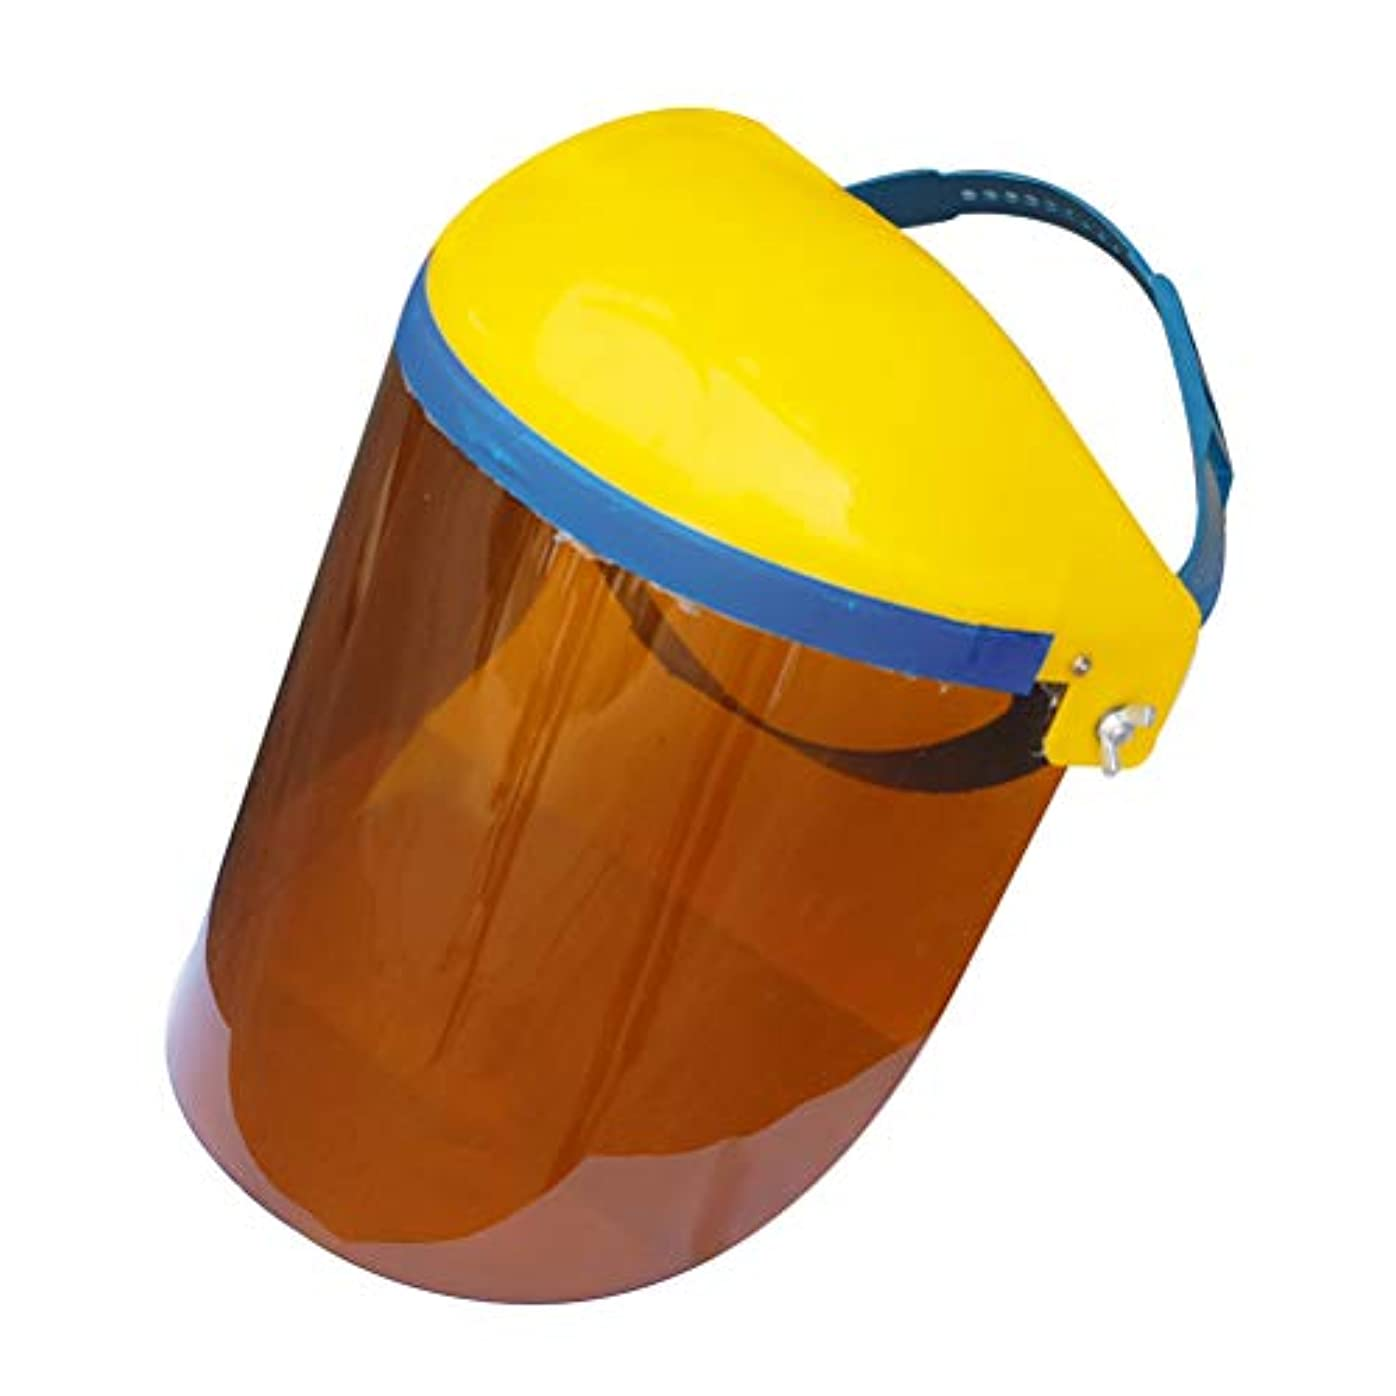 ラリーインデックスリファインBESTONZON キッチン調理両面防曇防油スプラッシュクリアフェイスマスクフェイスシールドプロテクター(ブラウン)